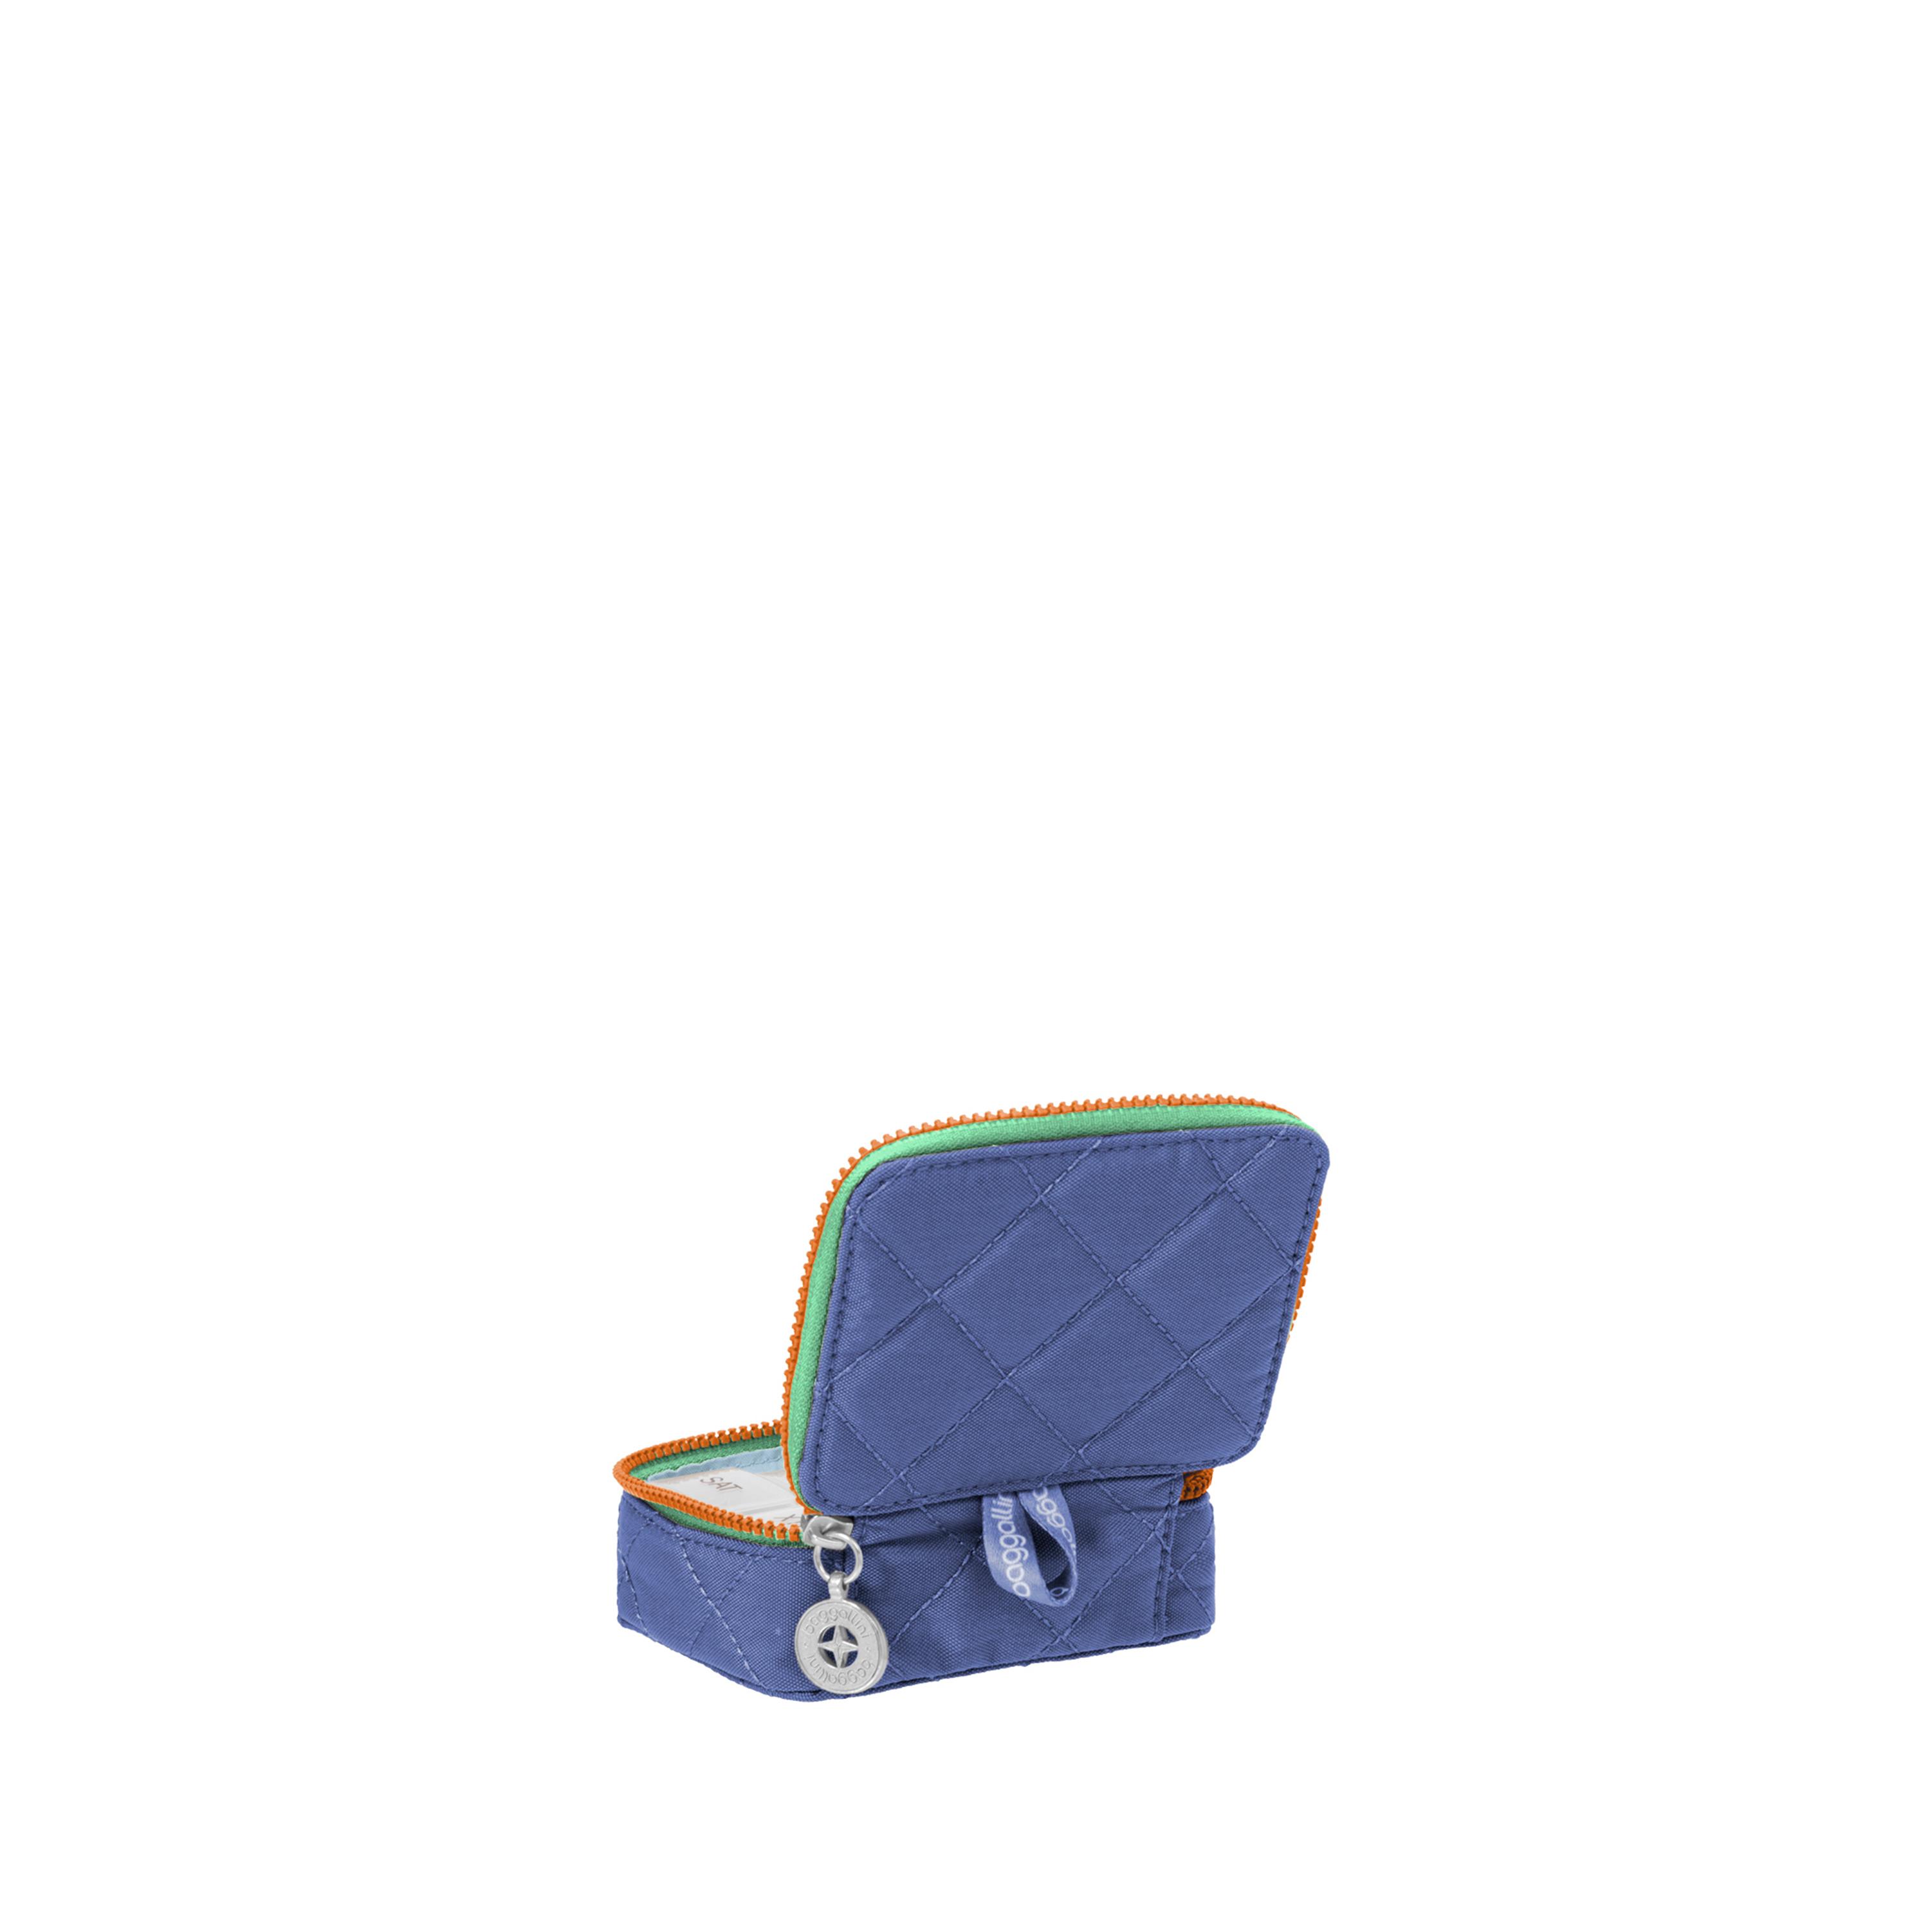 baggallini-Women-039-s-TSA-Friendly-Travel-Pill-Case-Nylon-Multiple-Colors thumbnail 11